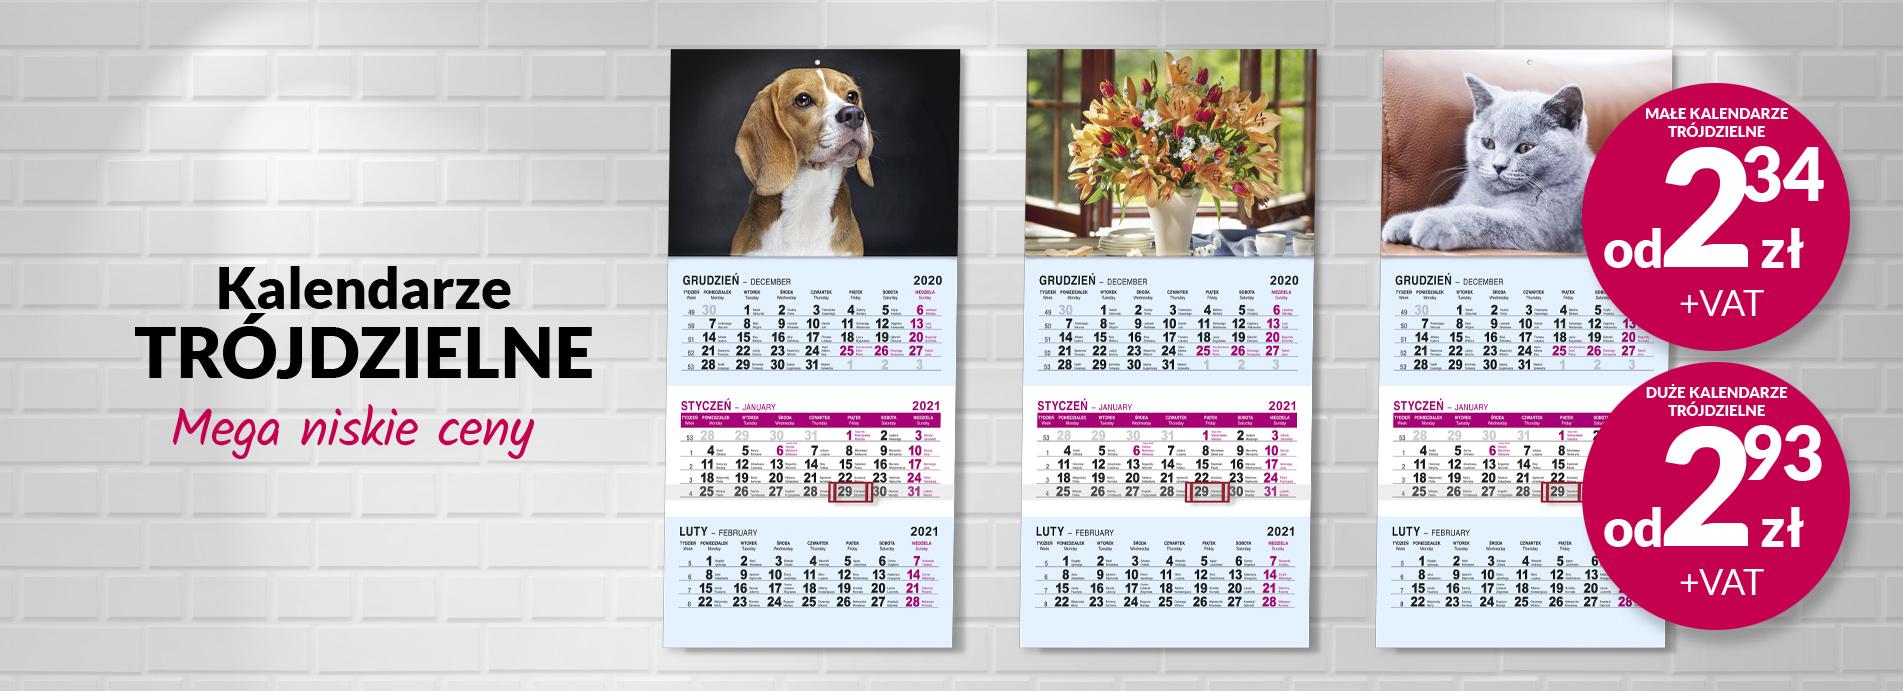 Kalendarze trójdzielne i jednodzielne